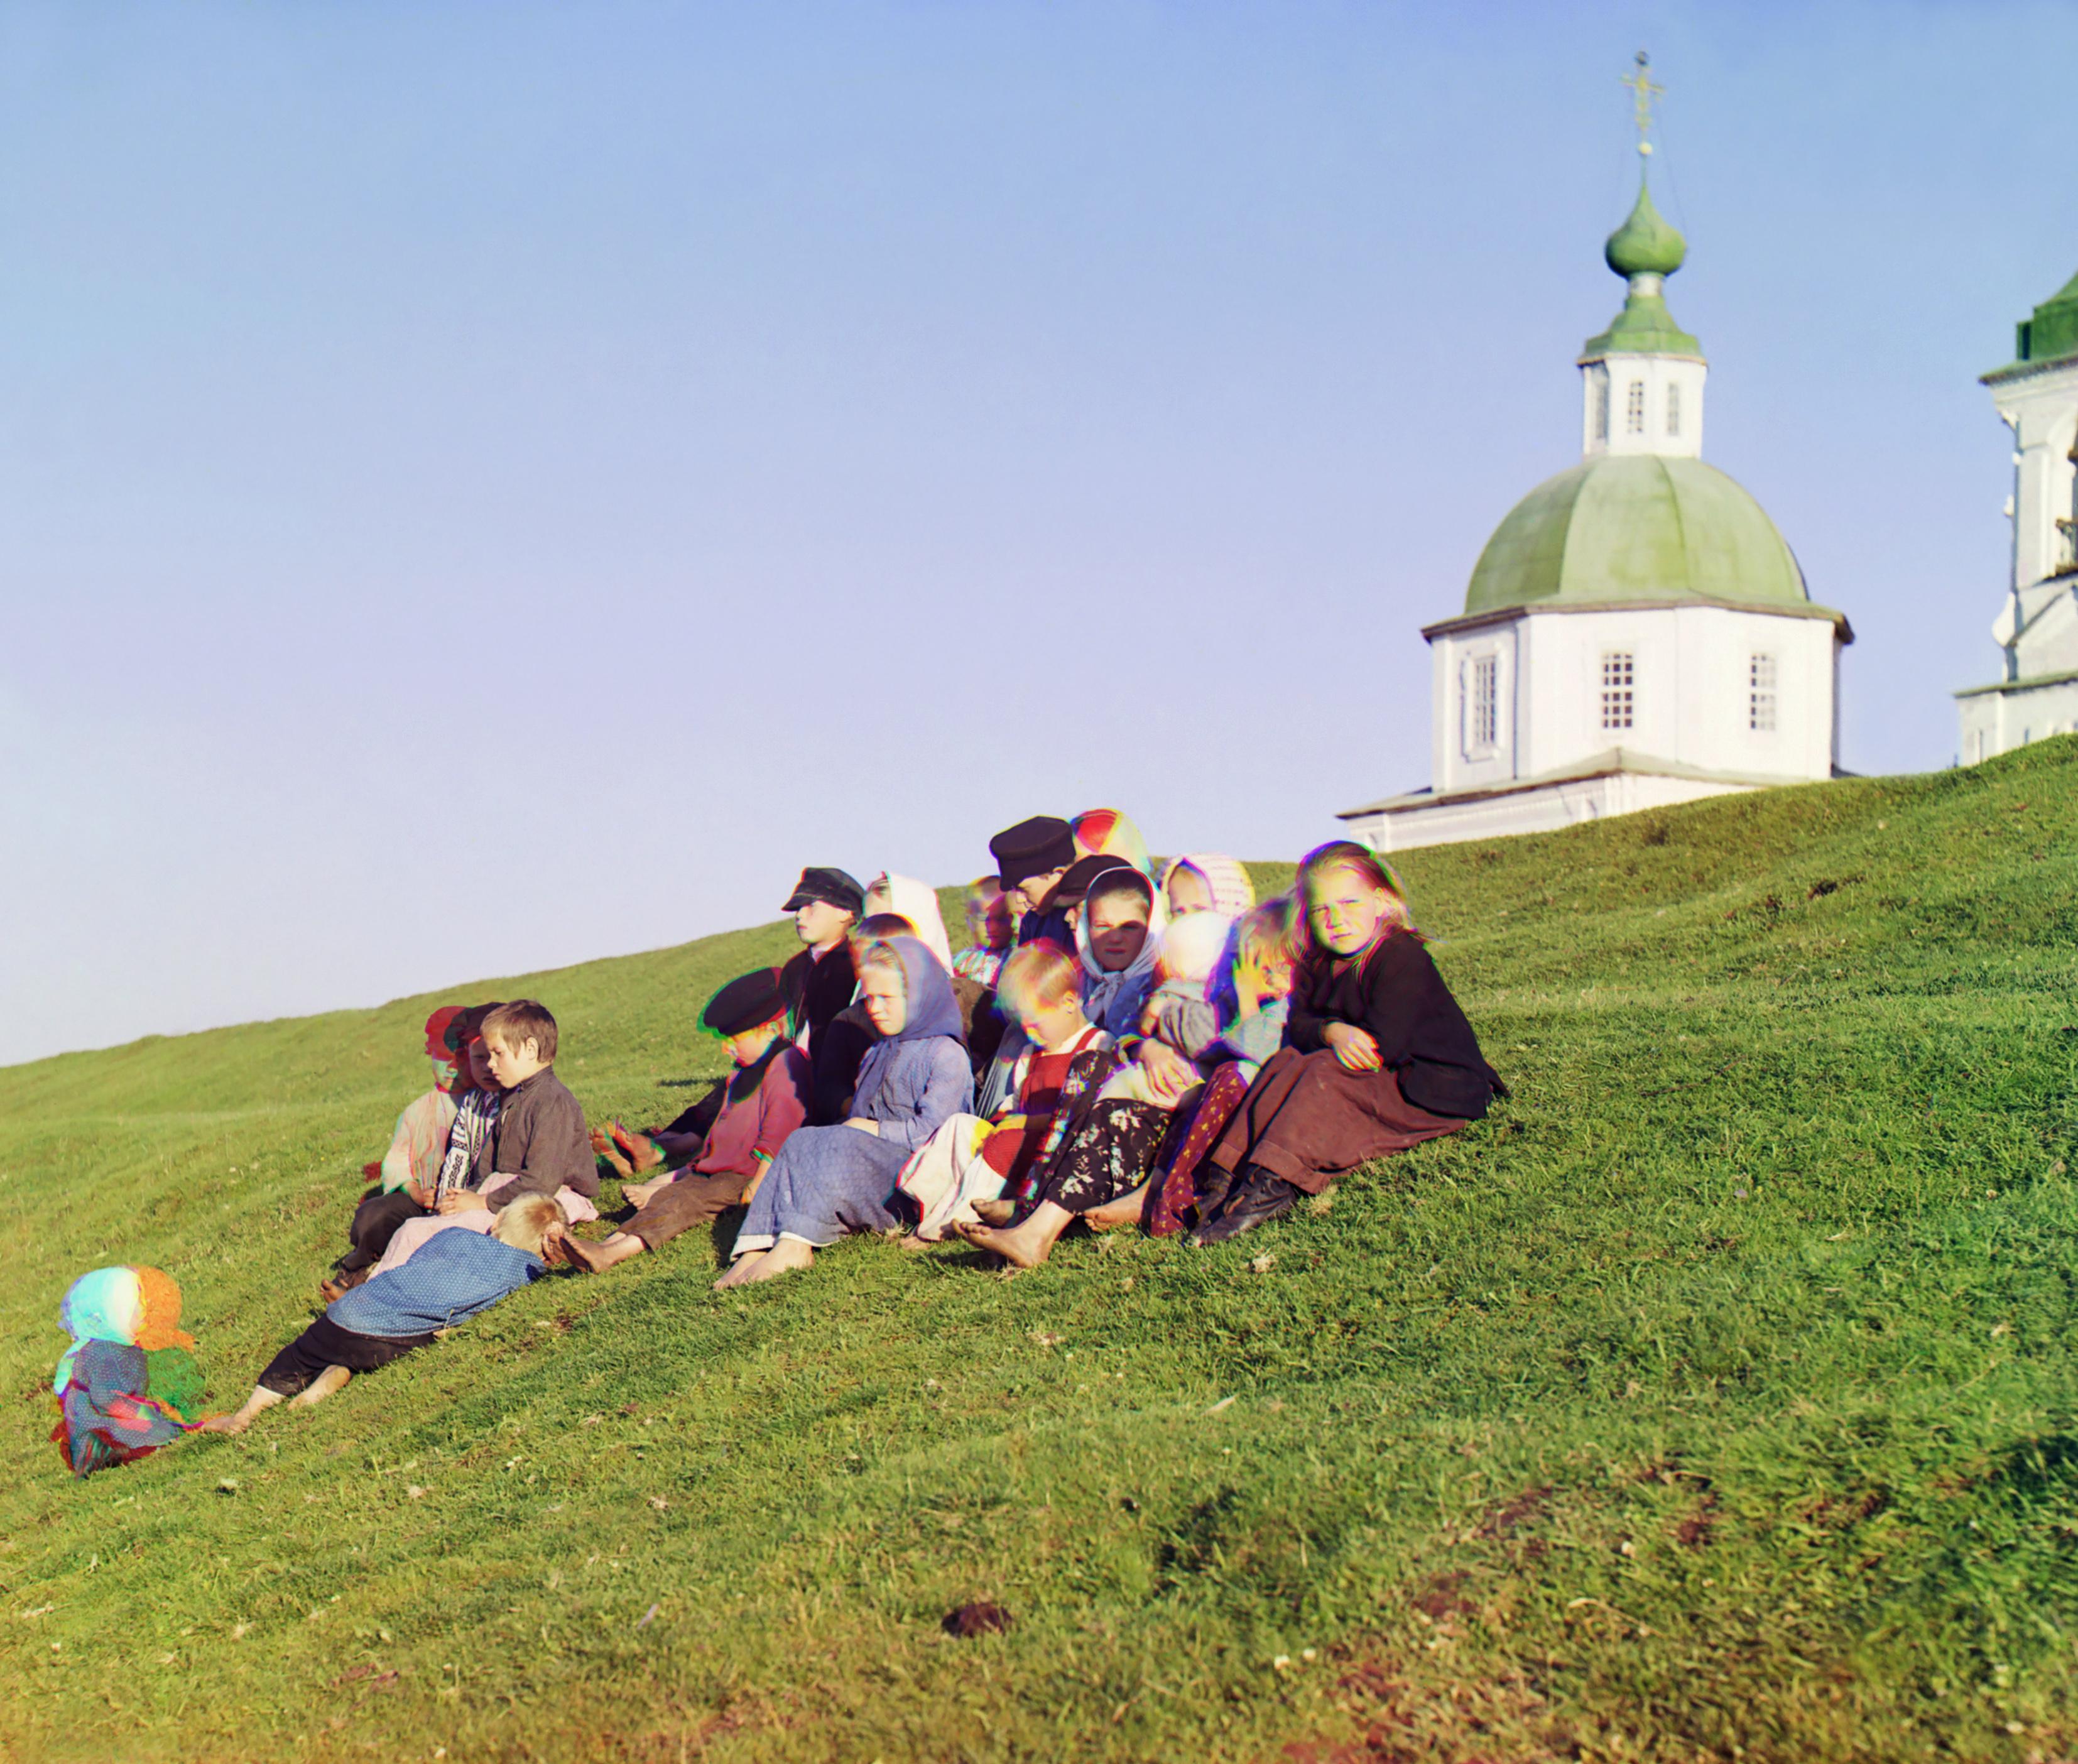 groupofussianchildren,1909.ergeyrokudin-orskyergeiikhailovichrokudin-orskii.